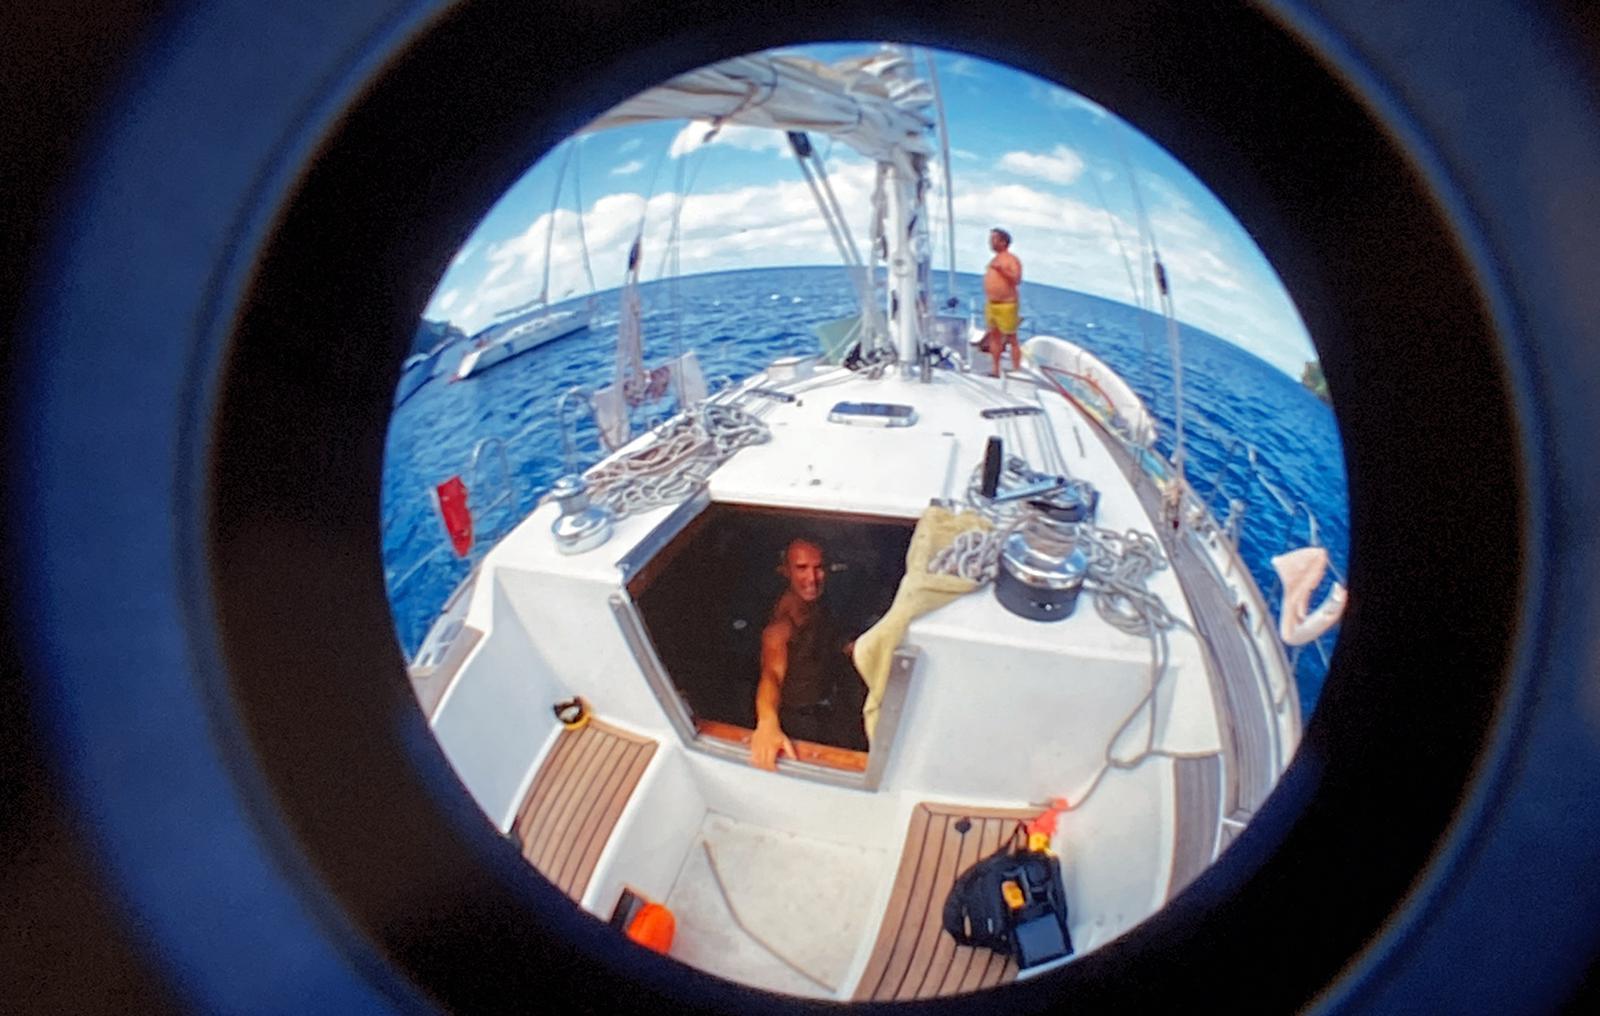 Alquiler-barcos-Travesia-Atlantico-travesias-navegar-vacaciones